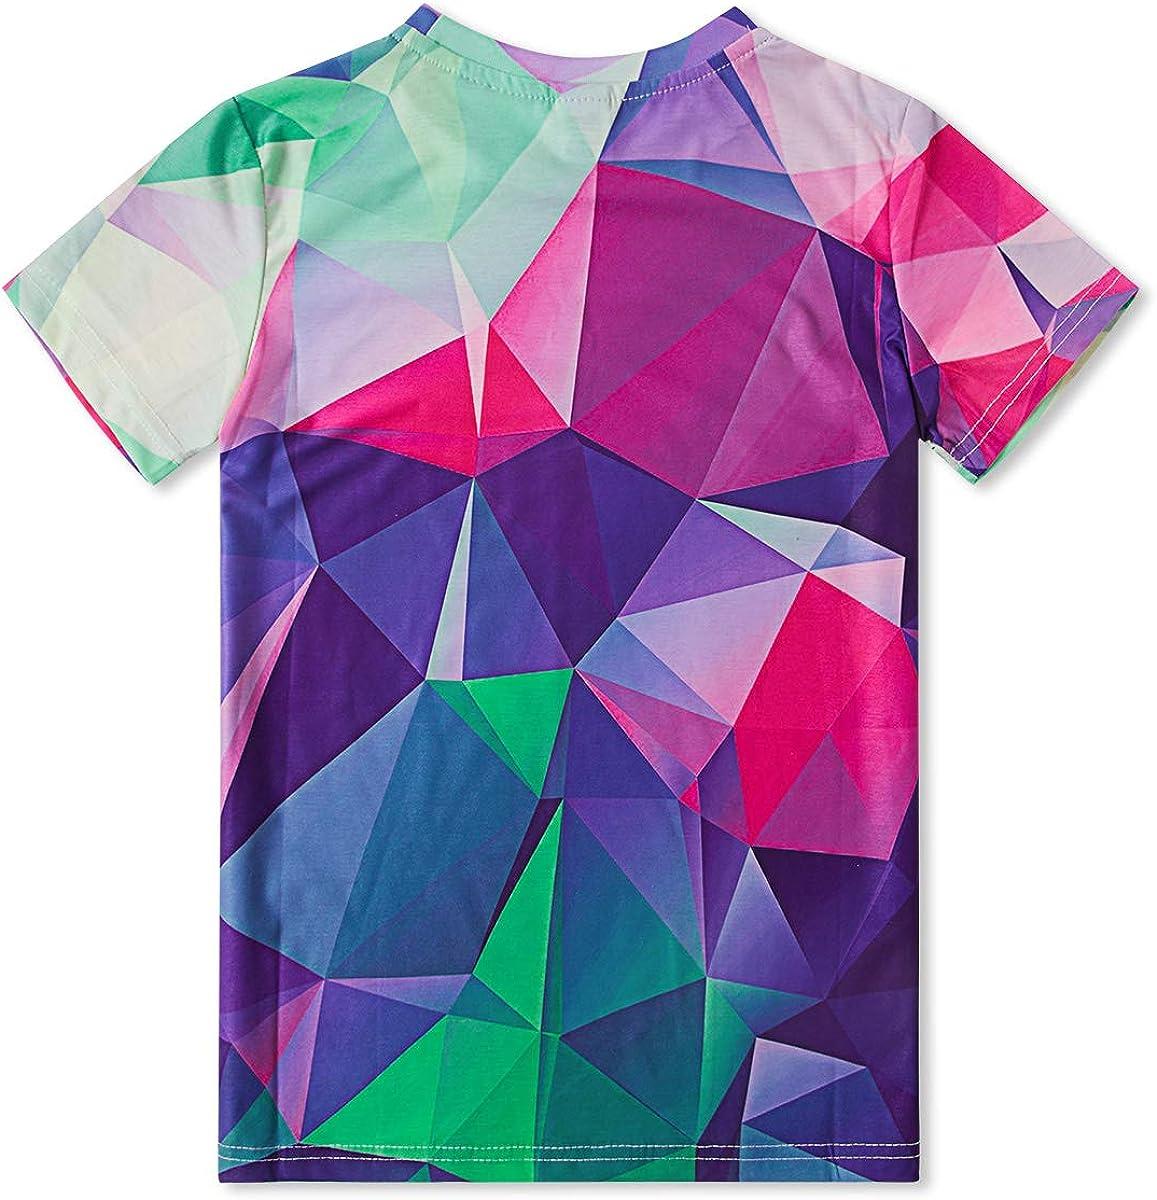 RAISEVERN Divertido Unisex Ni/ños Impresiones en 3D Camisetas Casual Tops Camisetas Manga Corta Fresca para los Muchachos Adolescentes 6-16T